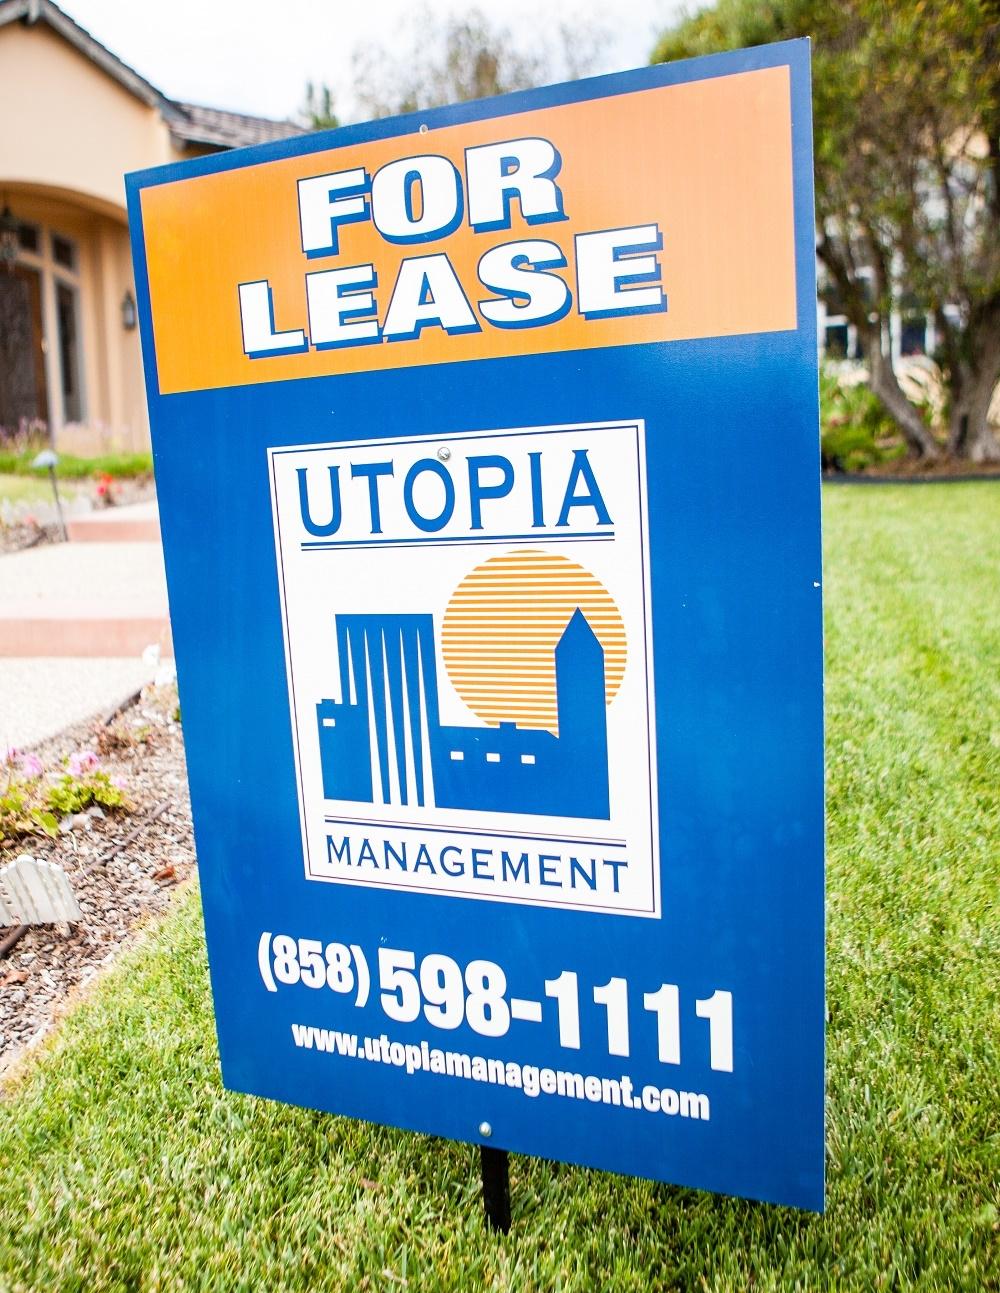 Utopia premium coupon code